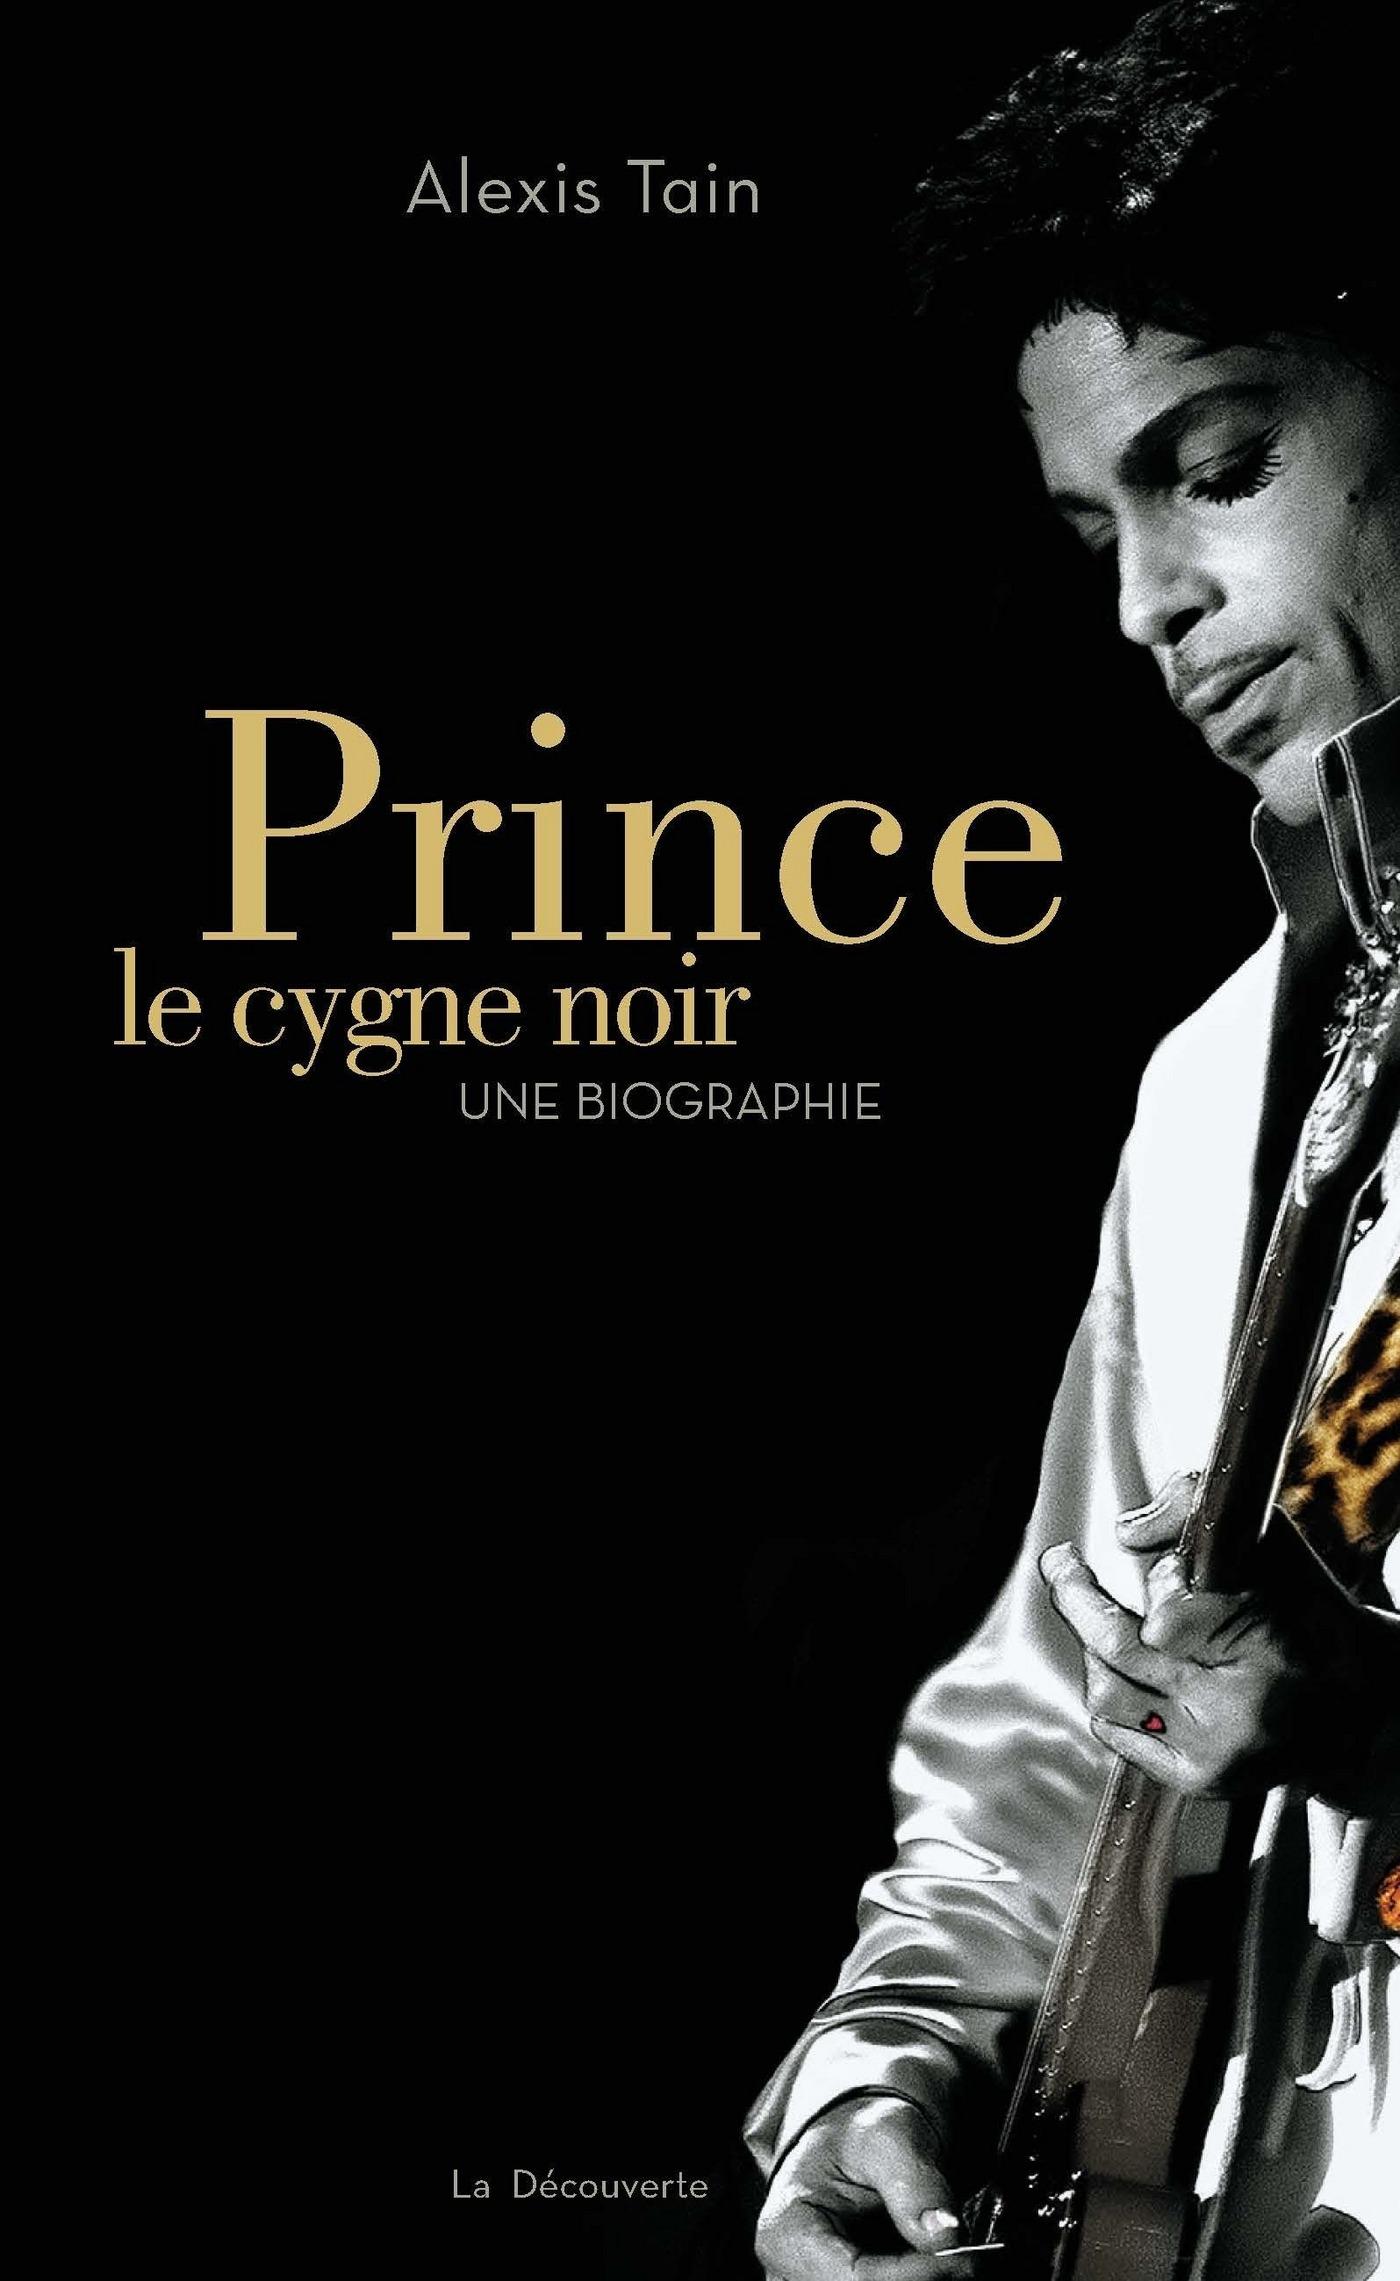 Prince, le cygne noir | TAIN, Alexis